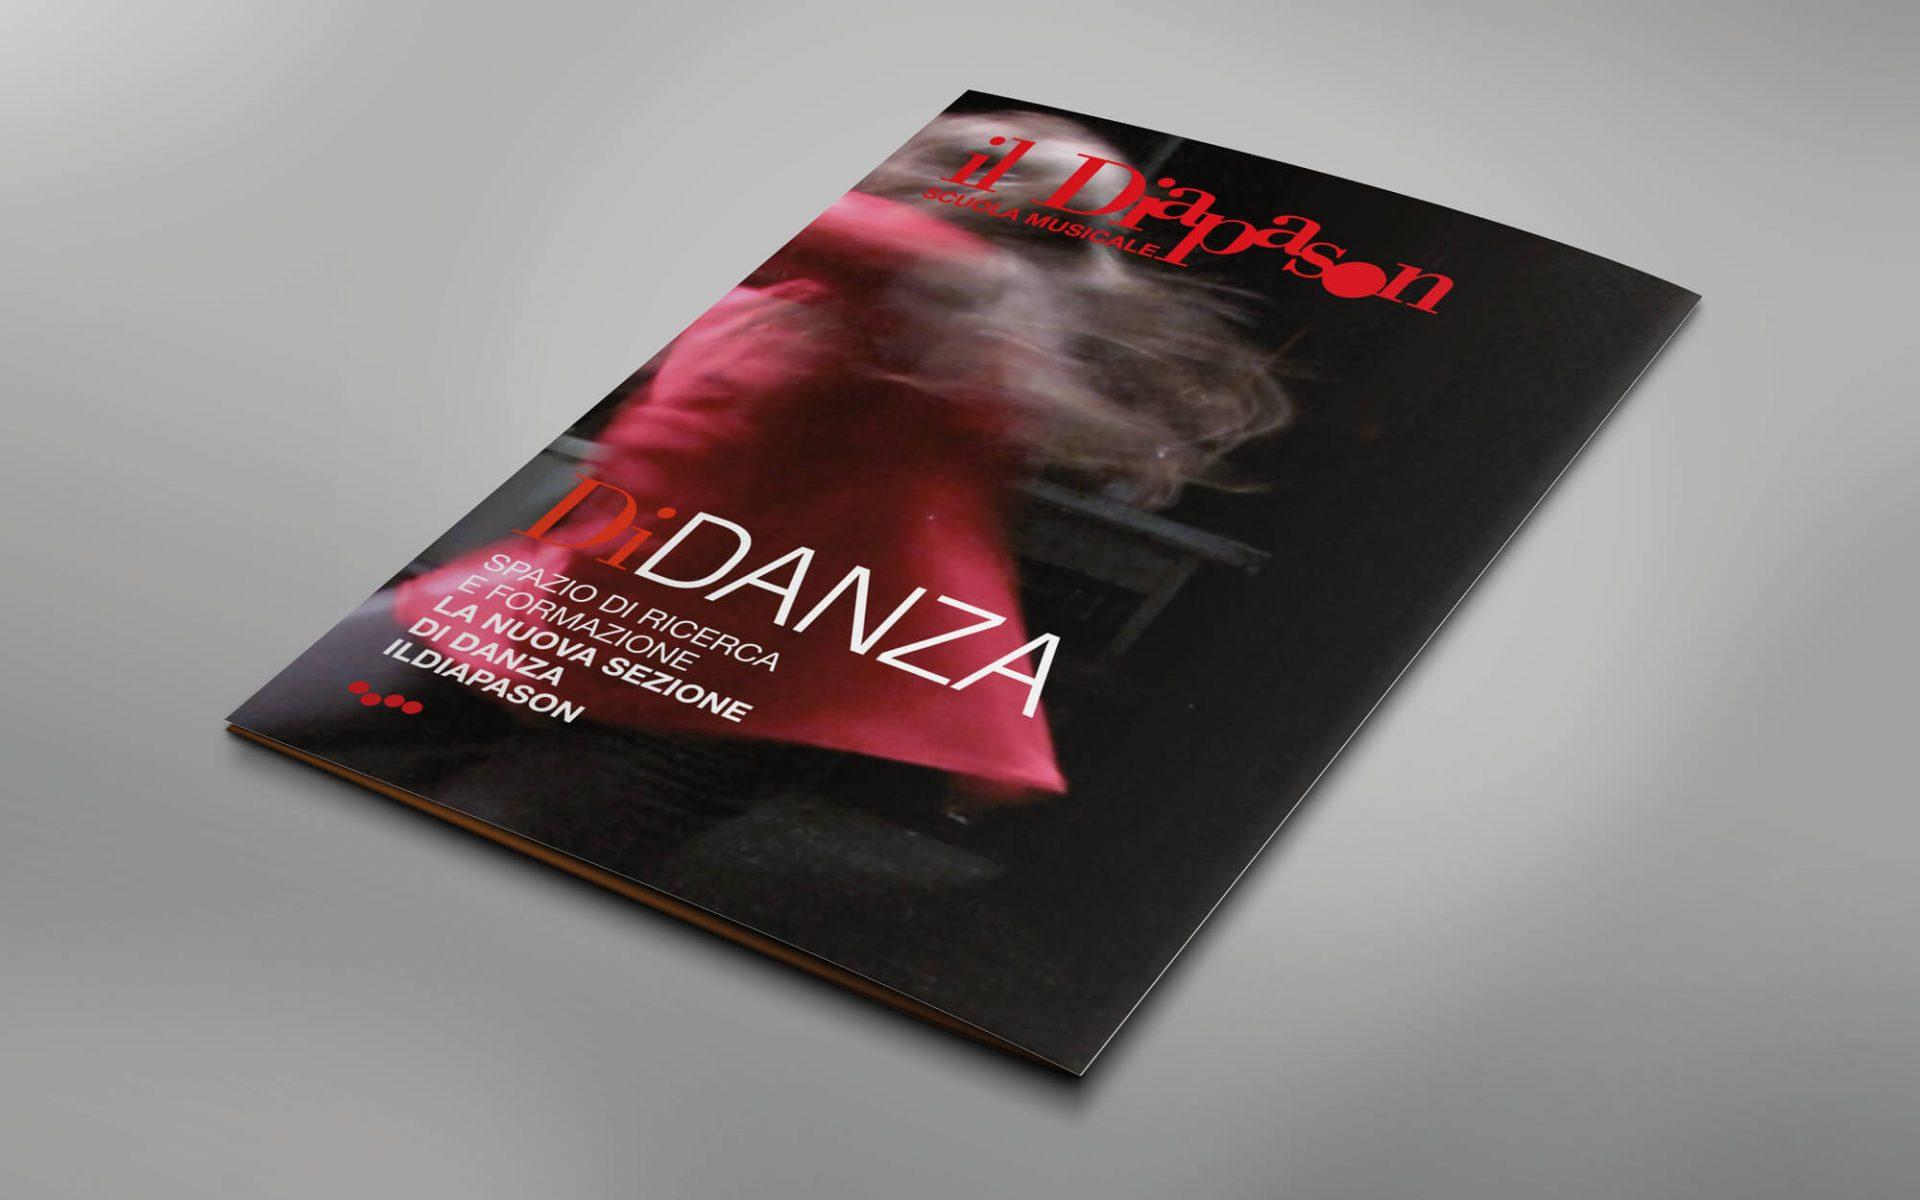 depliant promozionale corsi di danza scuola musicale diapason trento, creato dalla agenzia di comunicazione Diade Studio arco di Trento